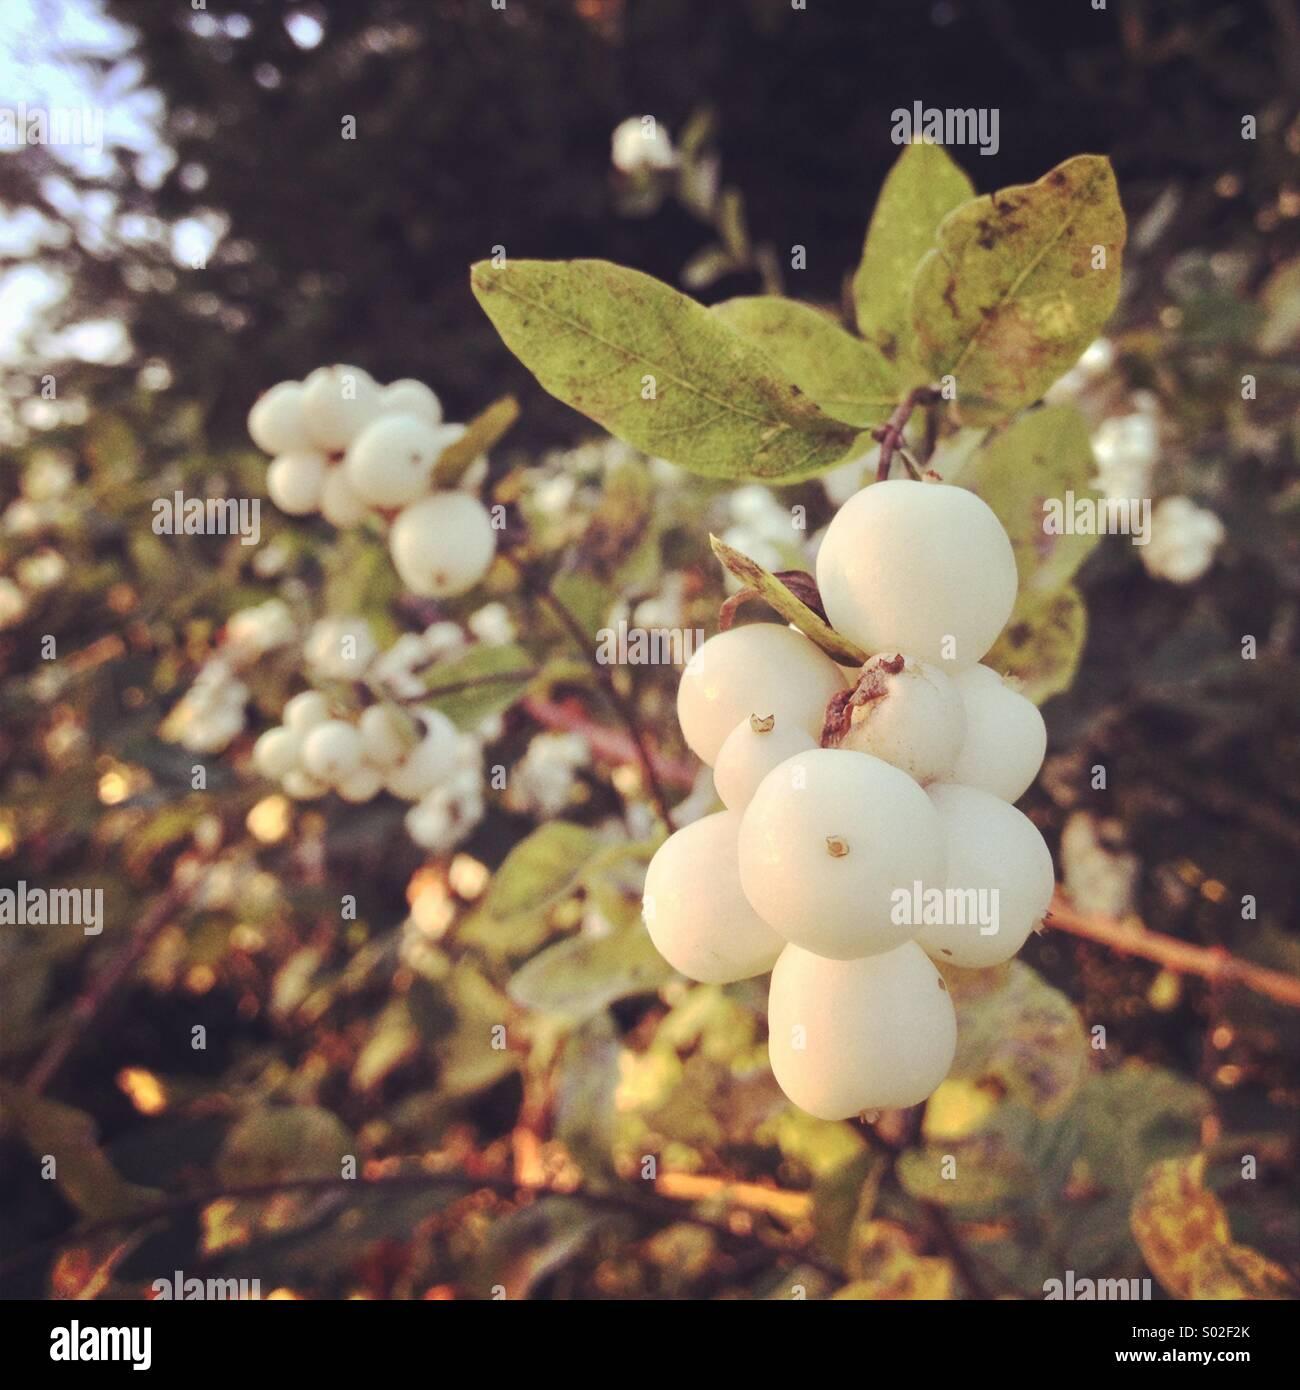 White fruit - Stock Image